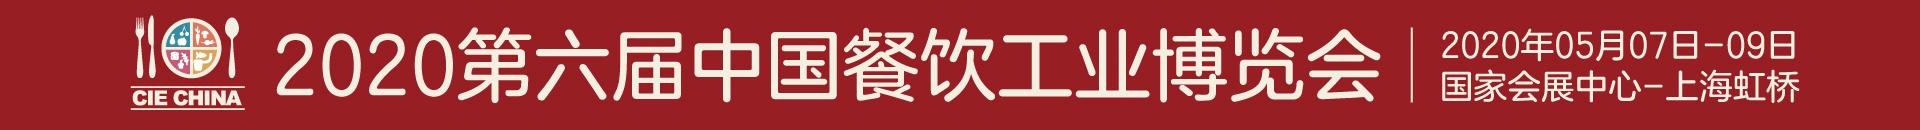 中国餐饮工业博览会